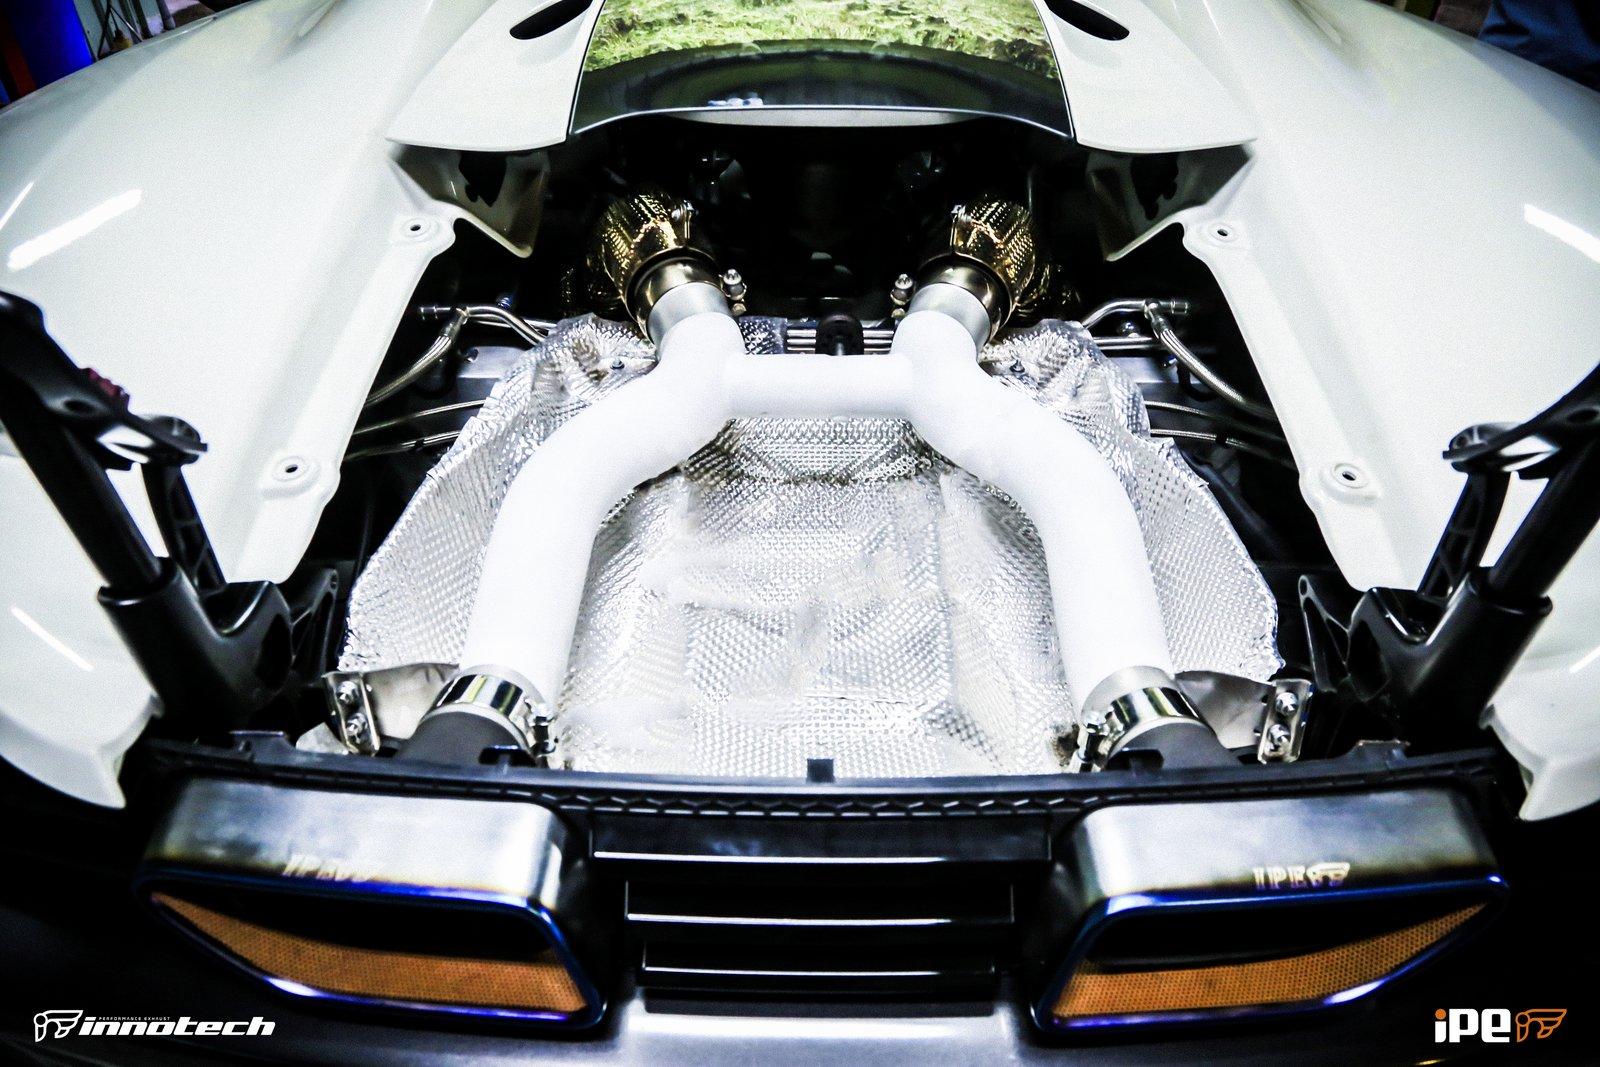 IPE McLaren Exhaust system